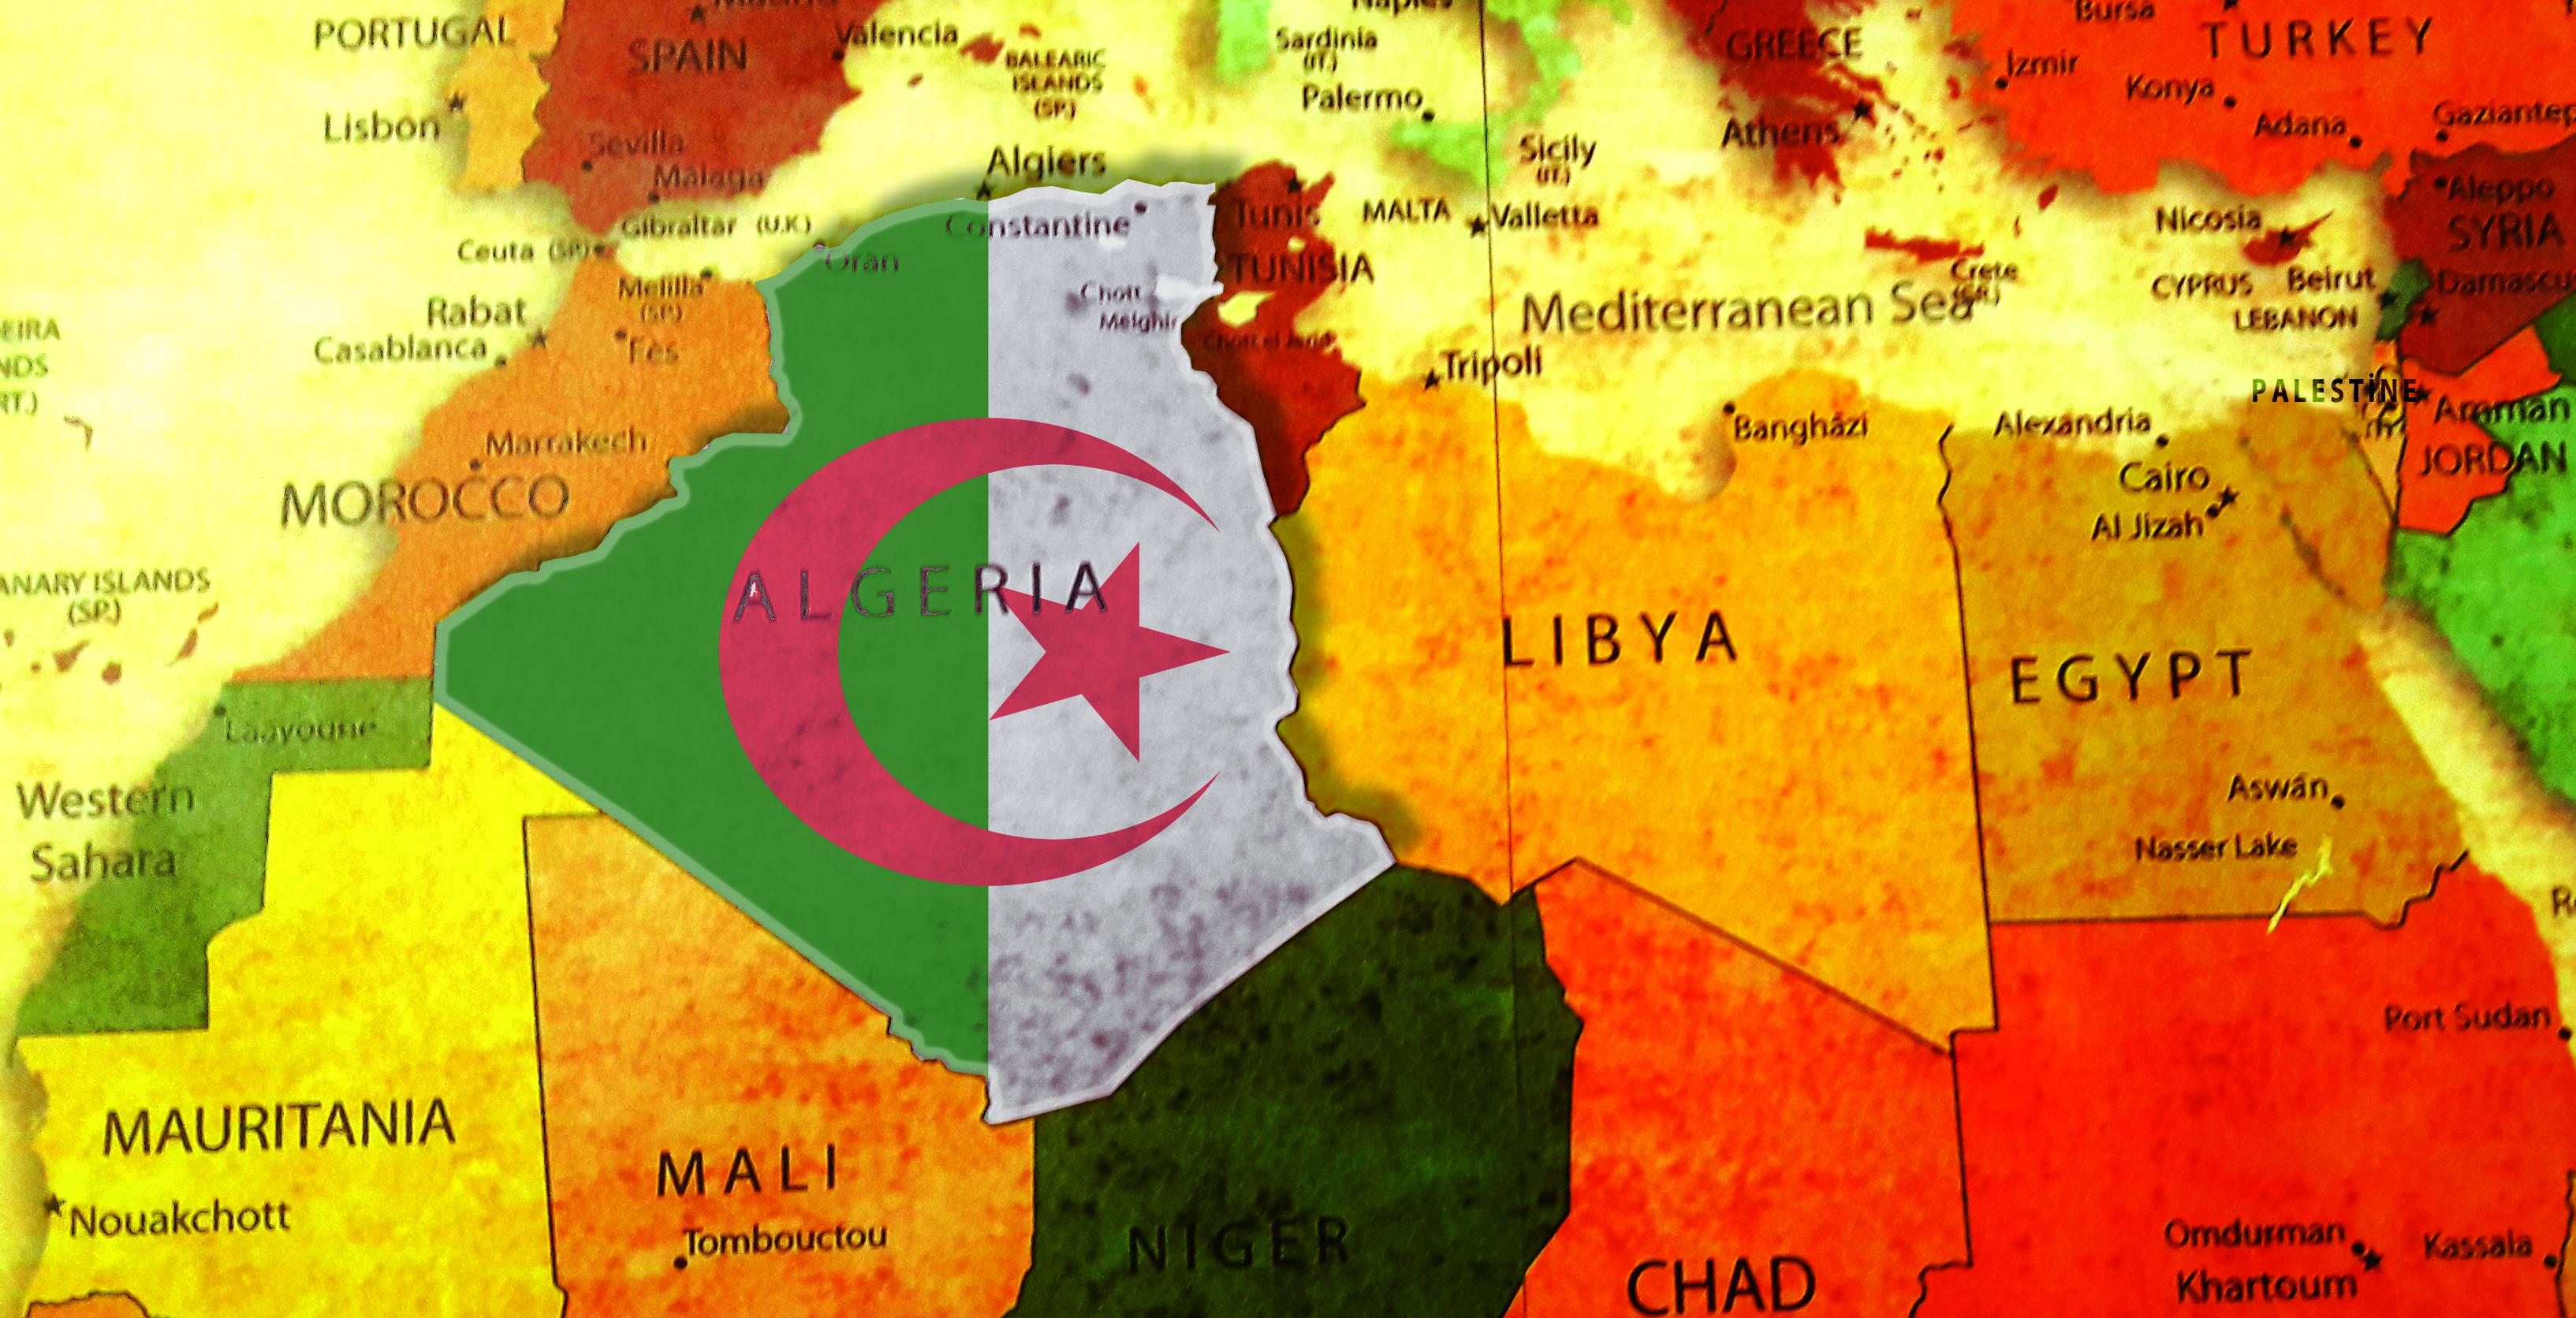 Cezayir ve Cezayir`deki İslâmî Hareketler